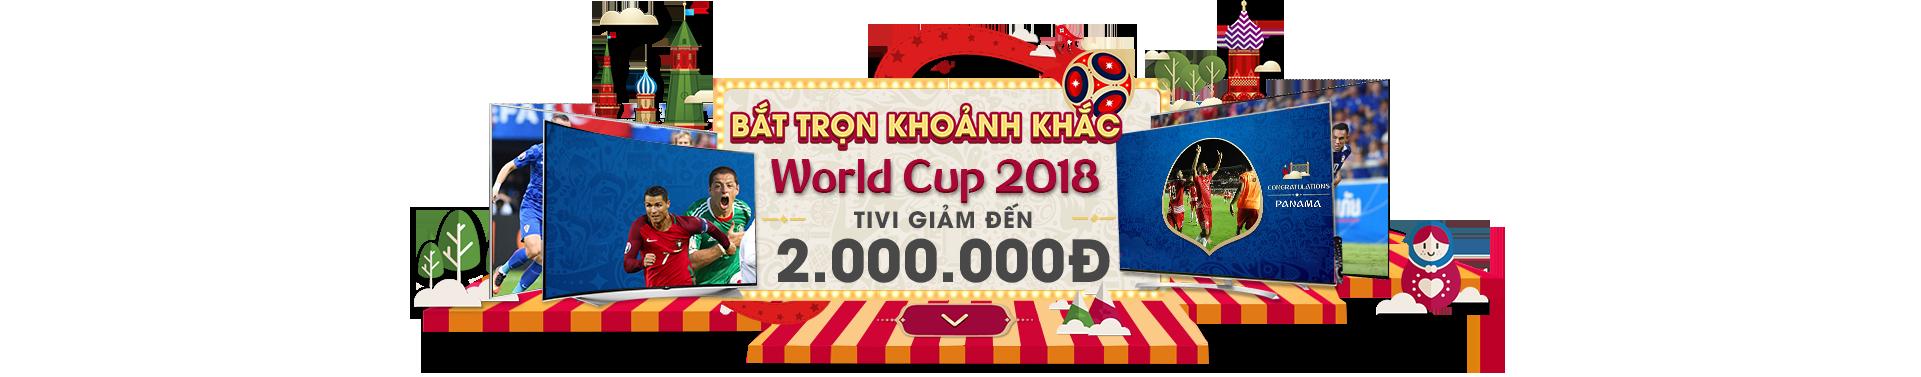 Bắt trọn từ khoảng khắc World Cup 2018